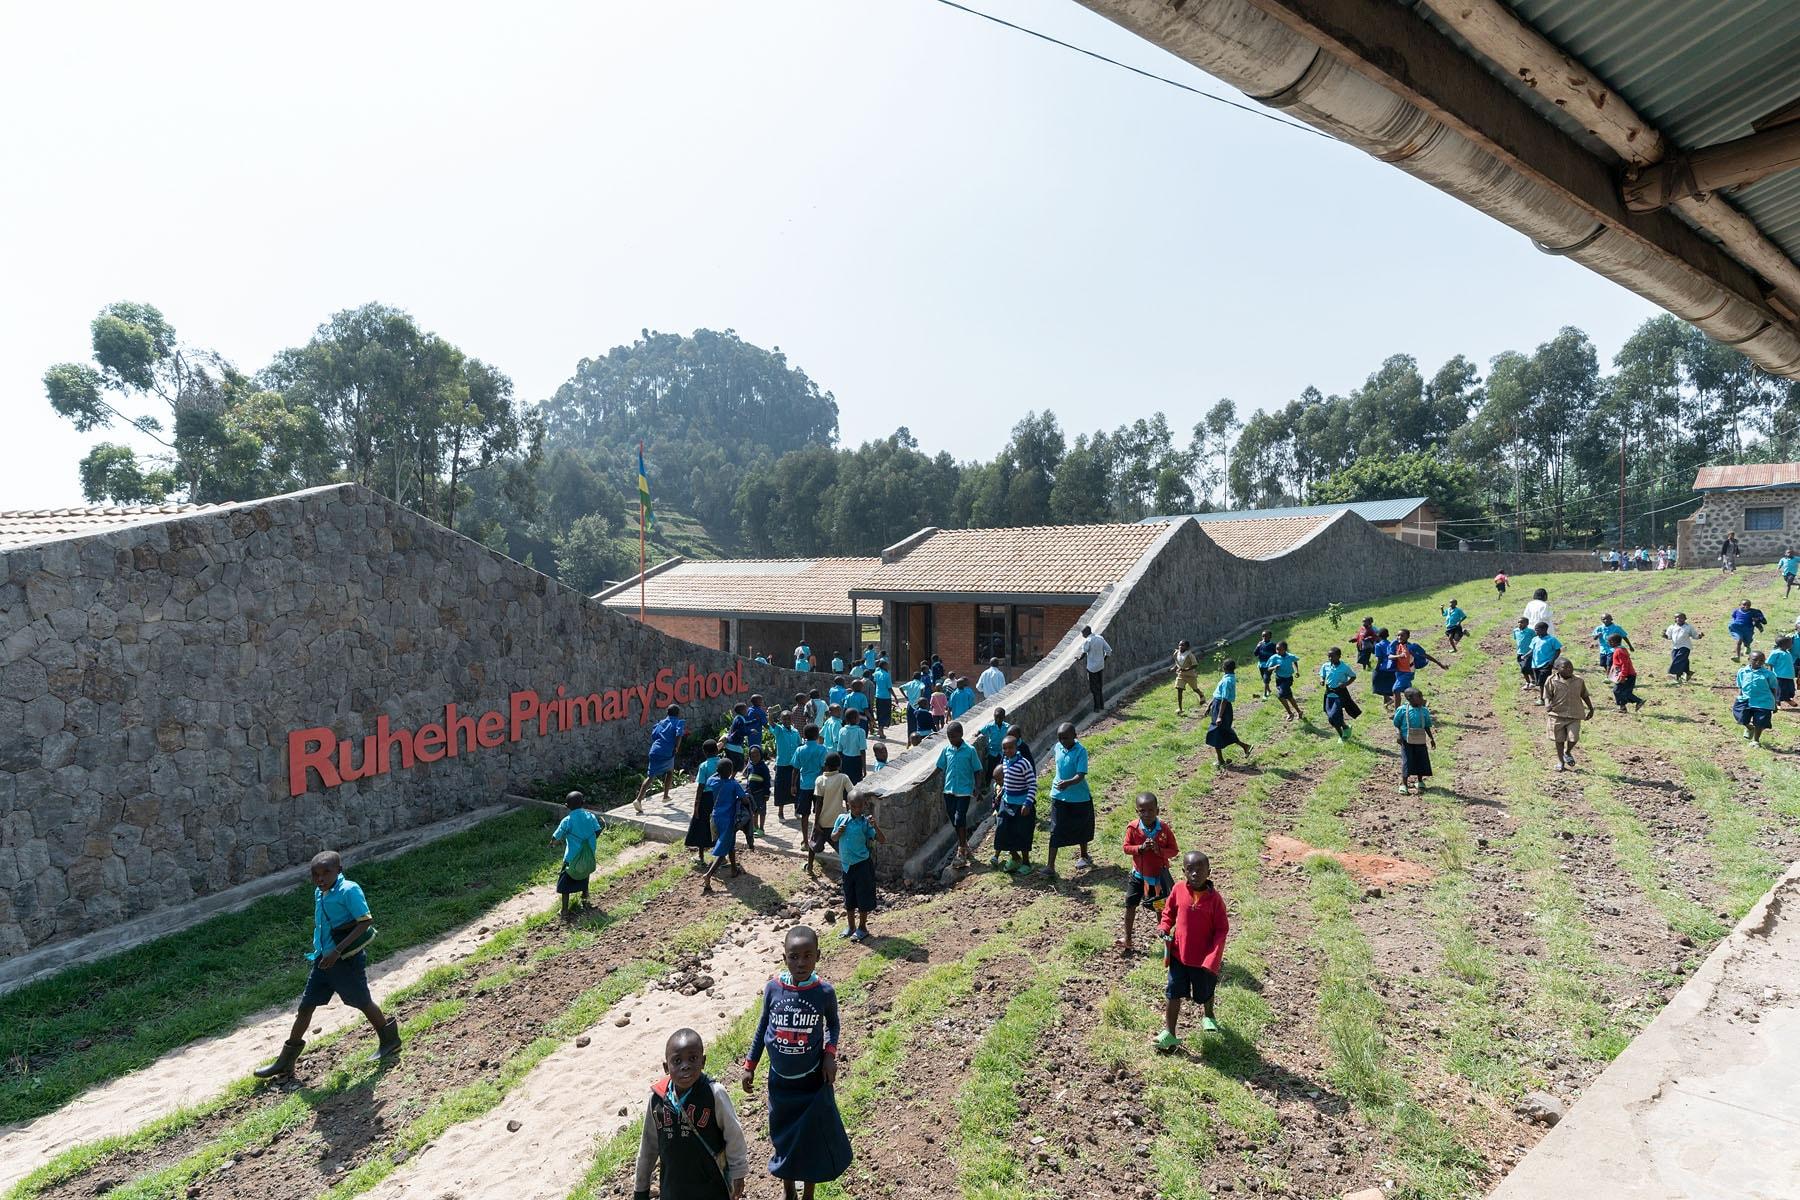 Ruhehe Primary School